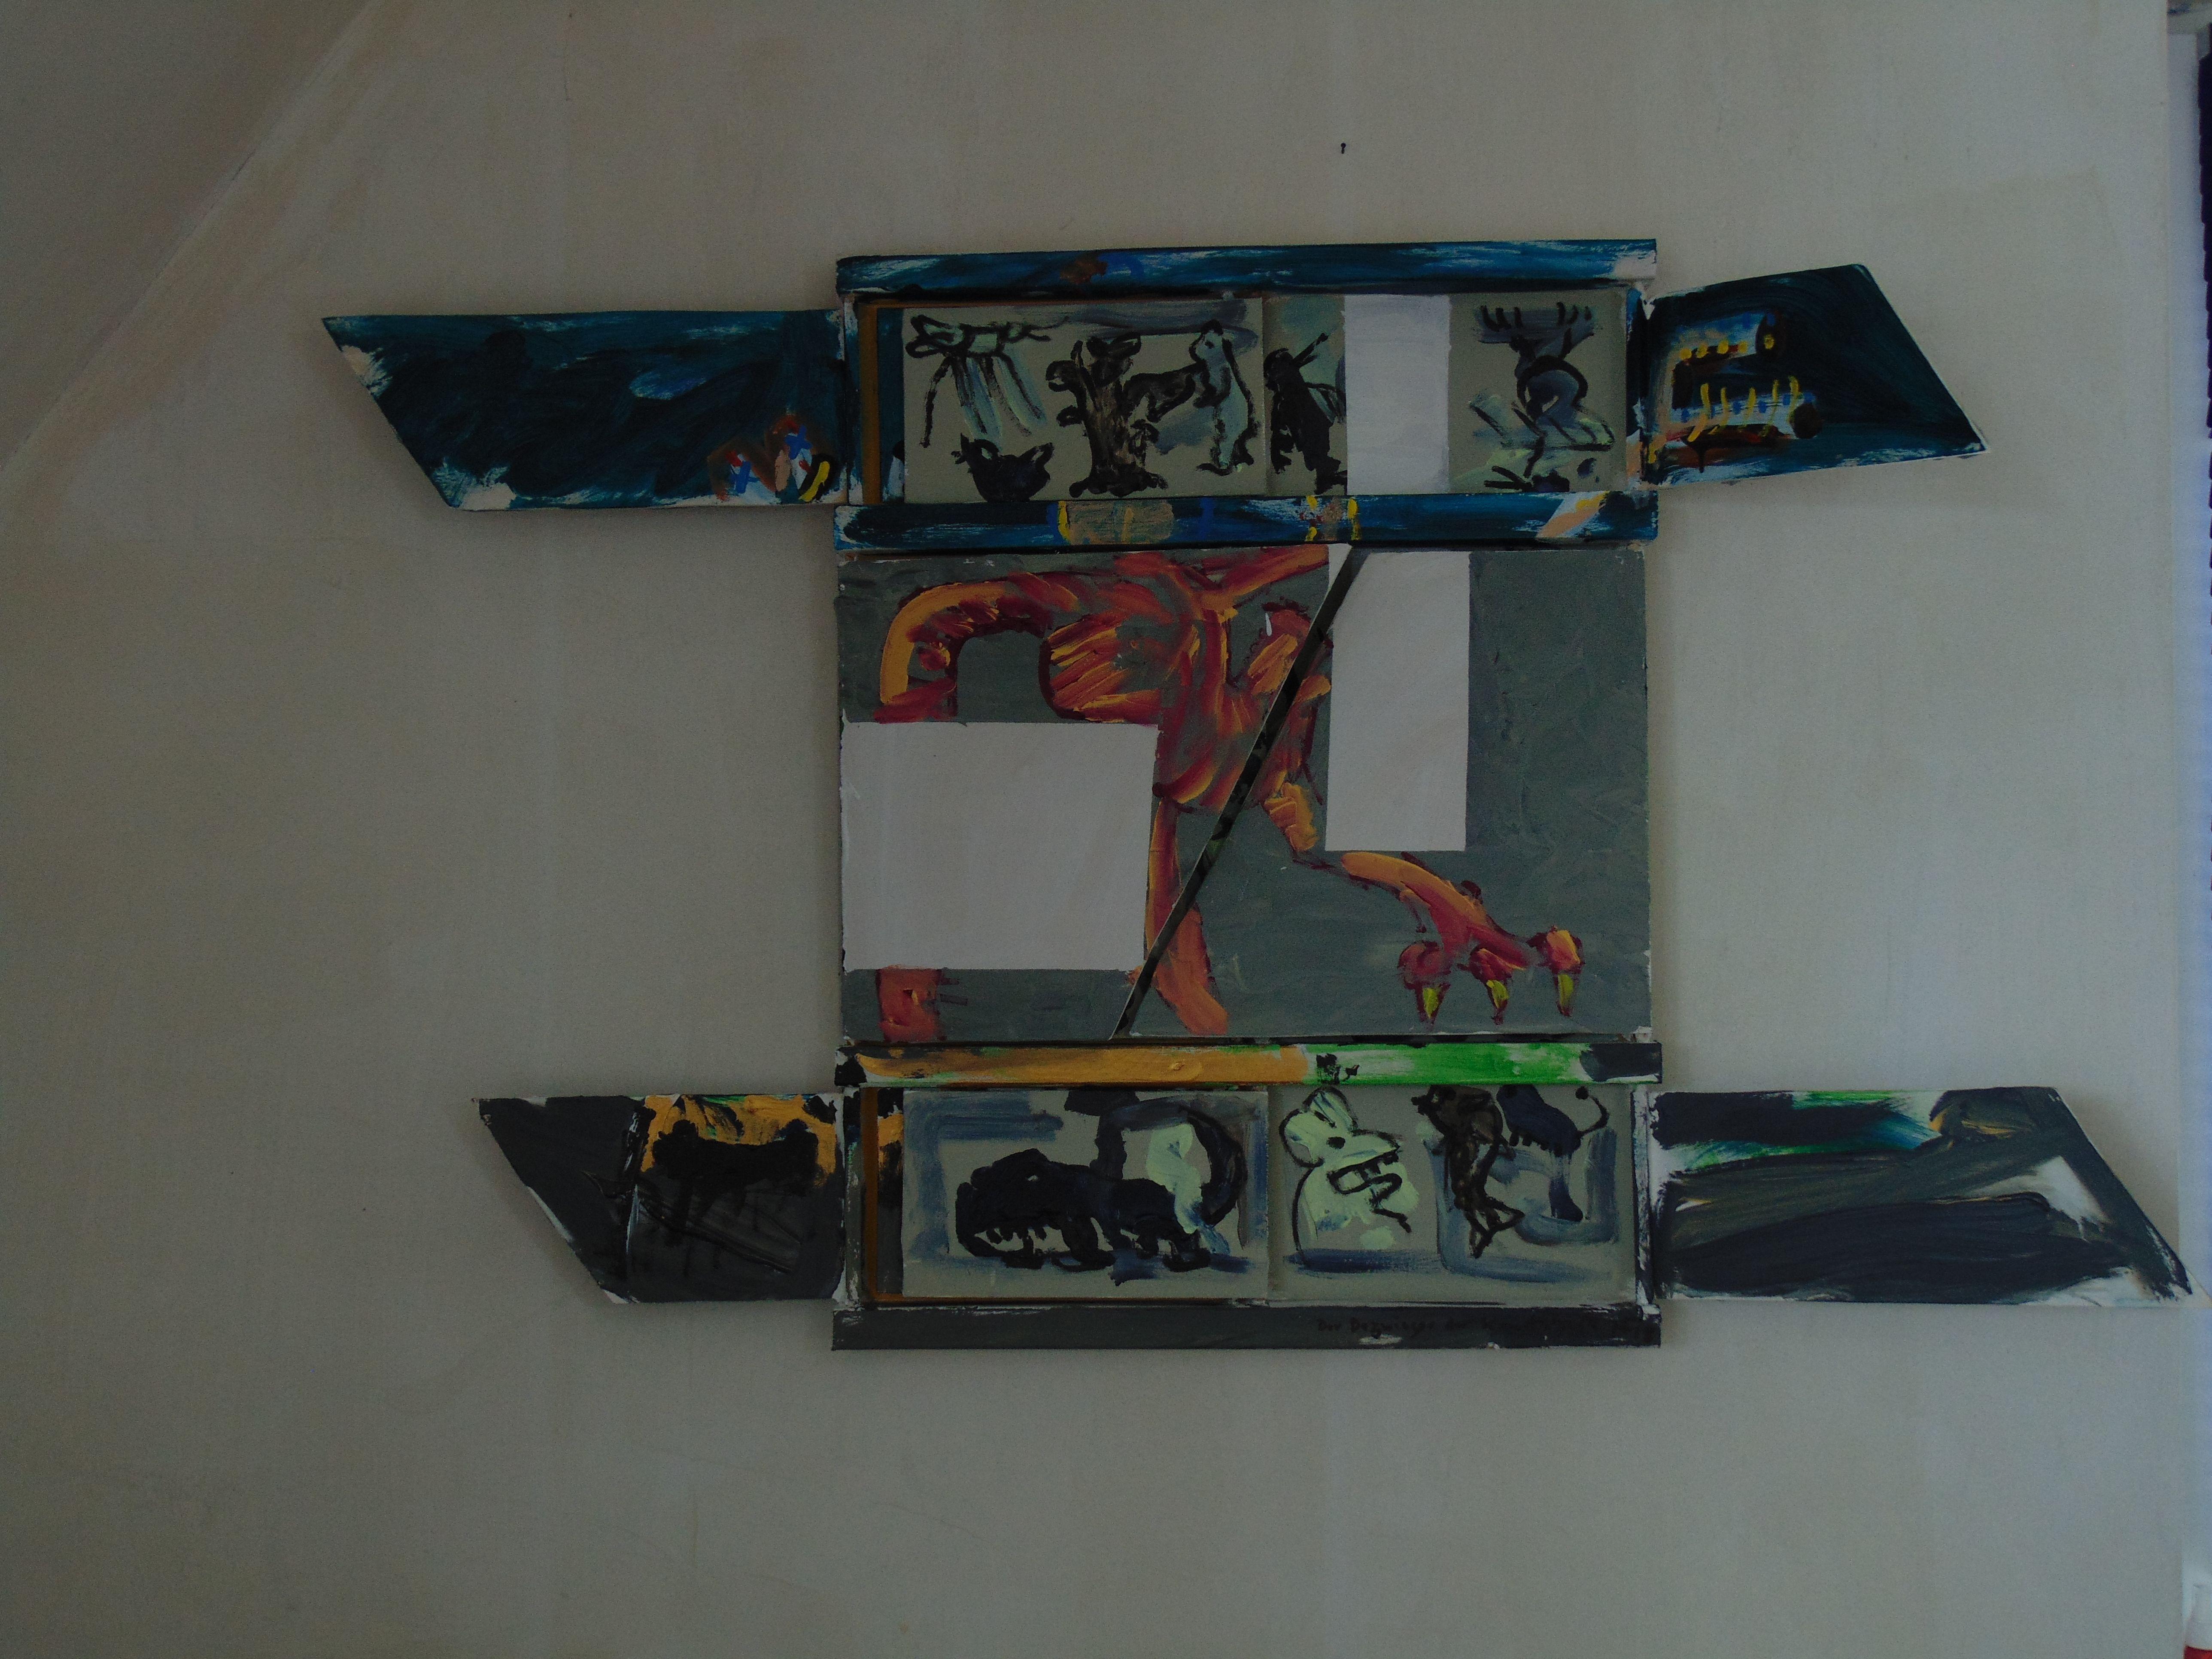 4 Flügel sind geöffnet -grau und fleischfarbene Darstellungen